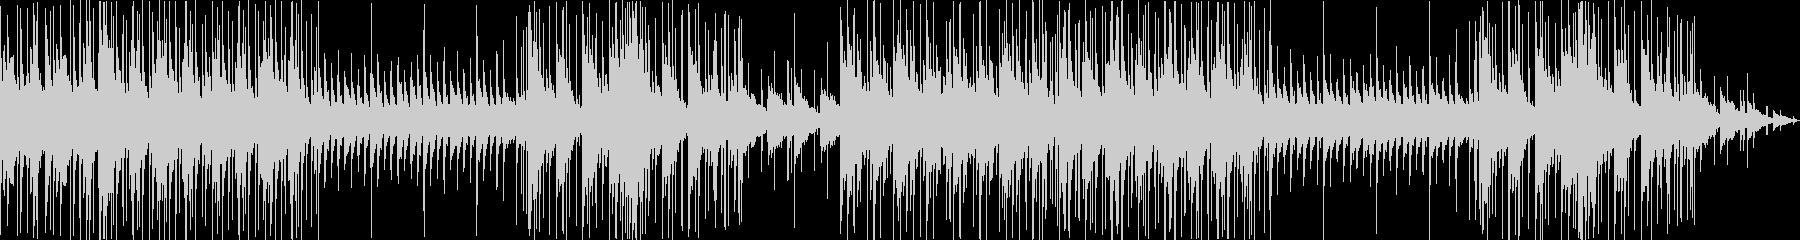 ピアノとドラムによる切なく甘いBGMの未再生の波形